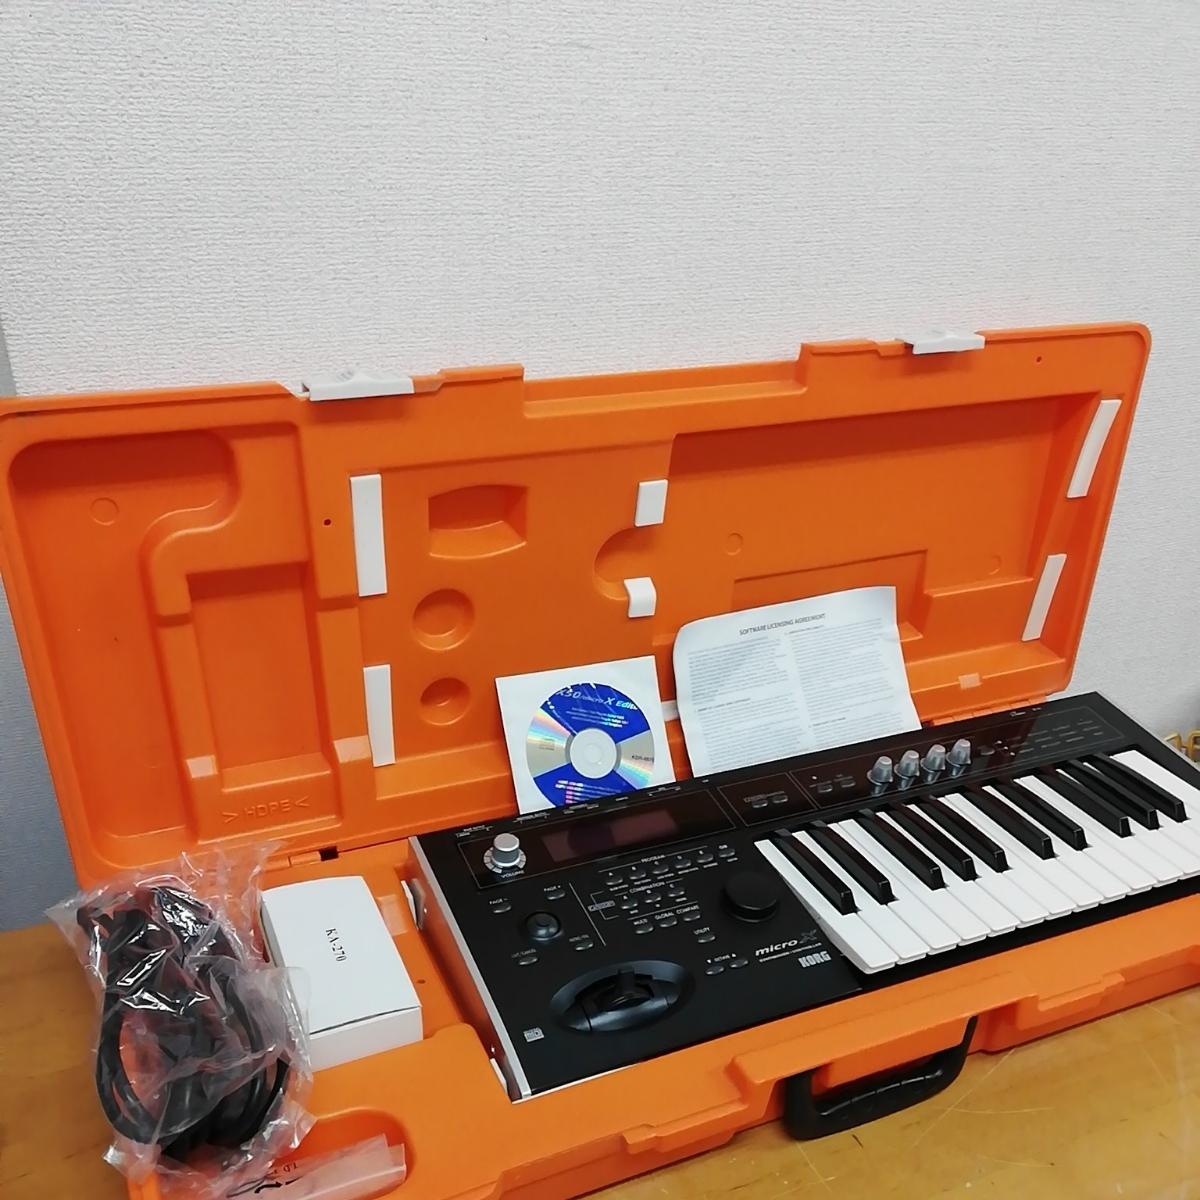 【使用期間少】KORGコルグ シンセサイザー/コントローラー microX ホワイト 完品